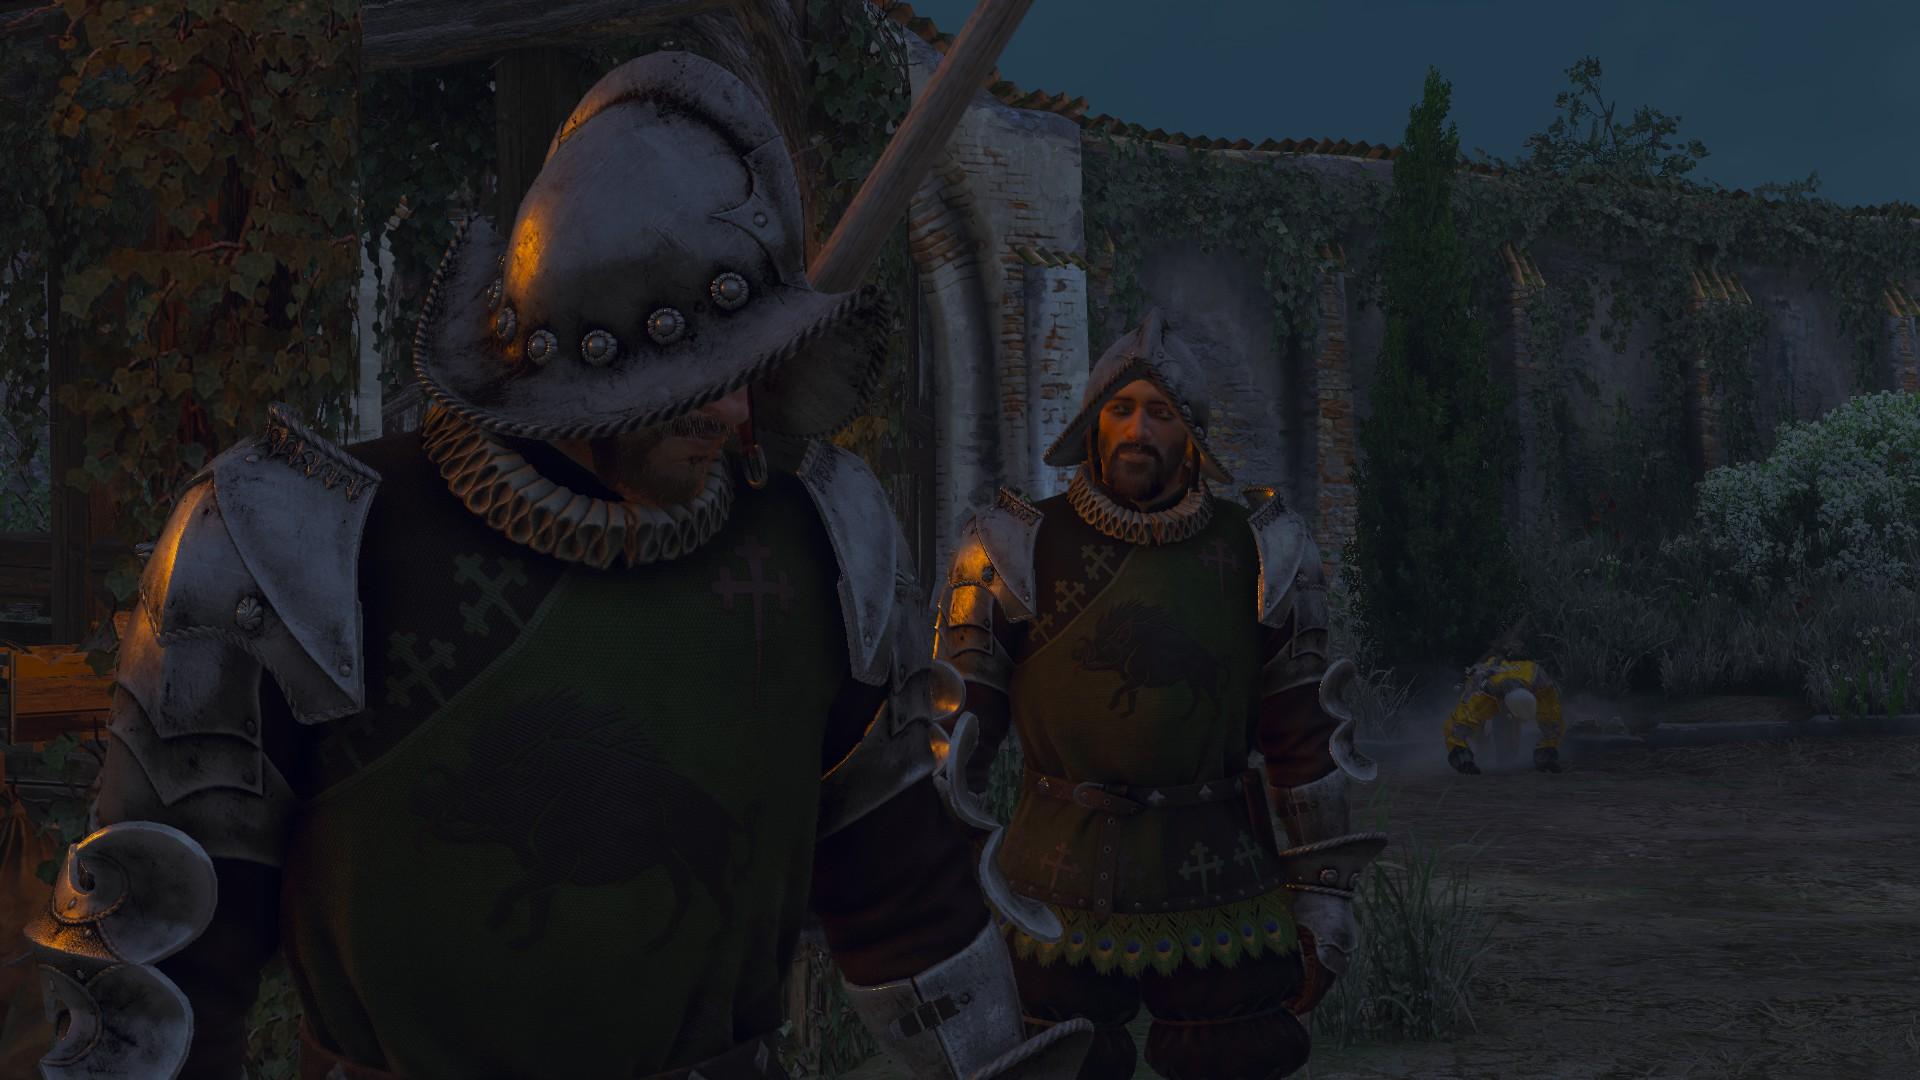 Dun Tynne Guard